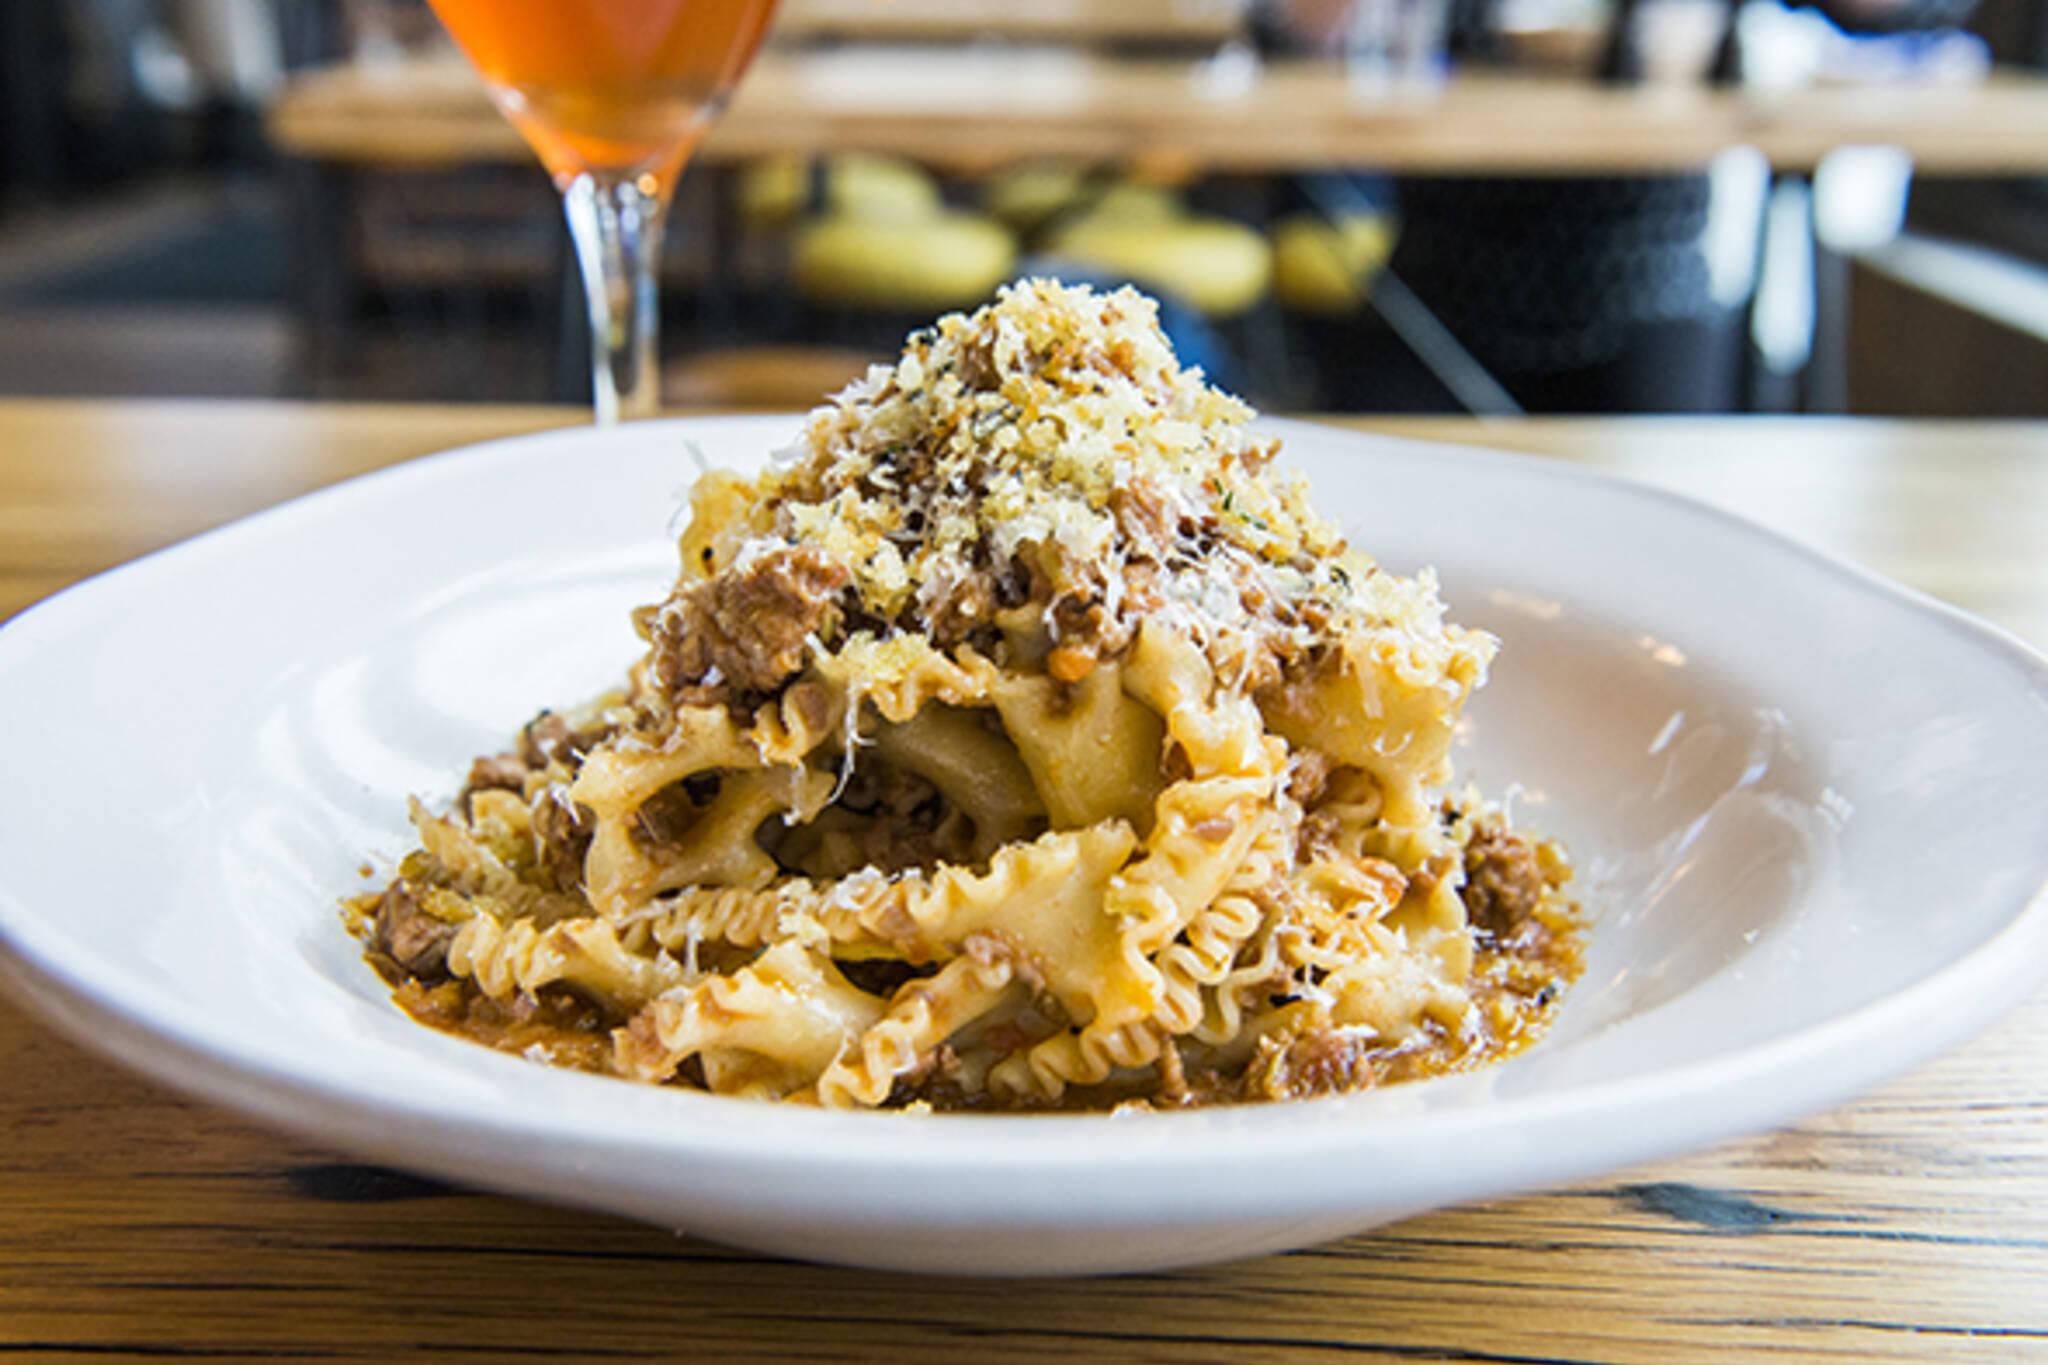 Jamie's Italian Toronto